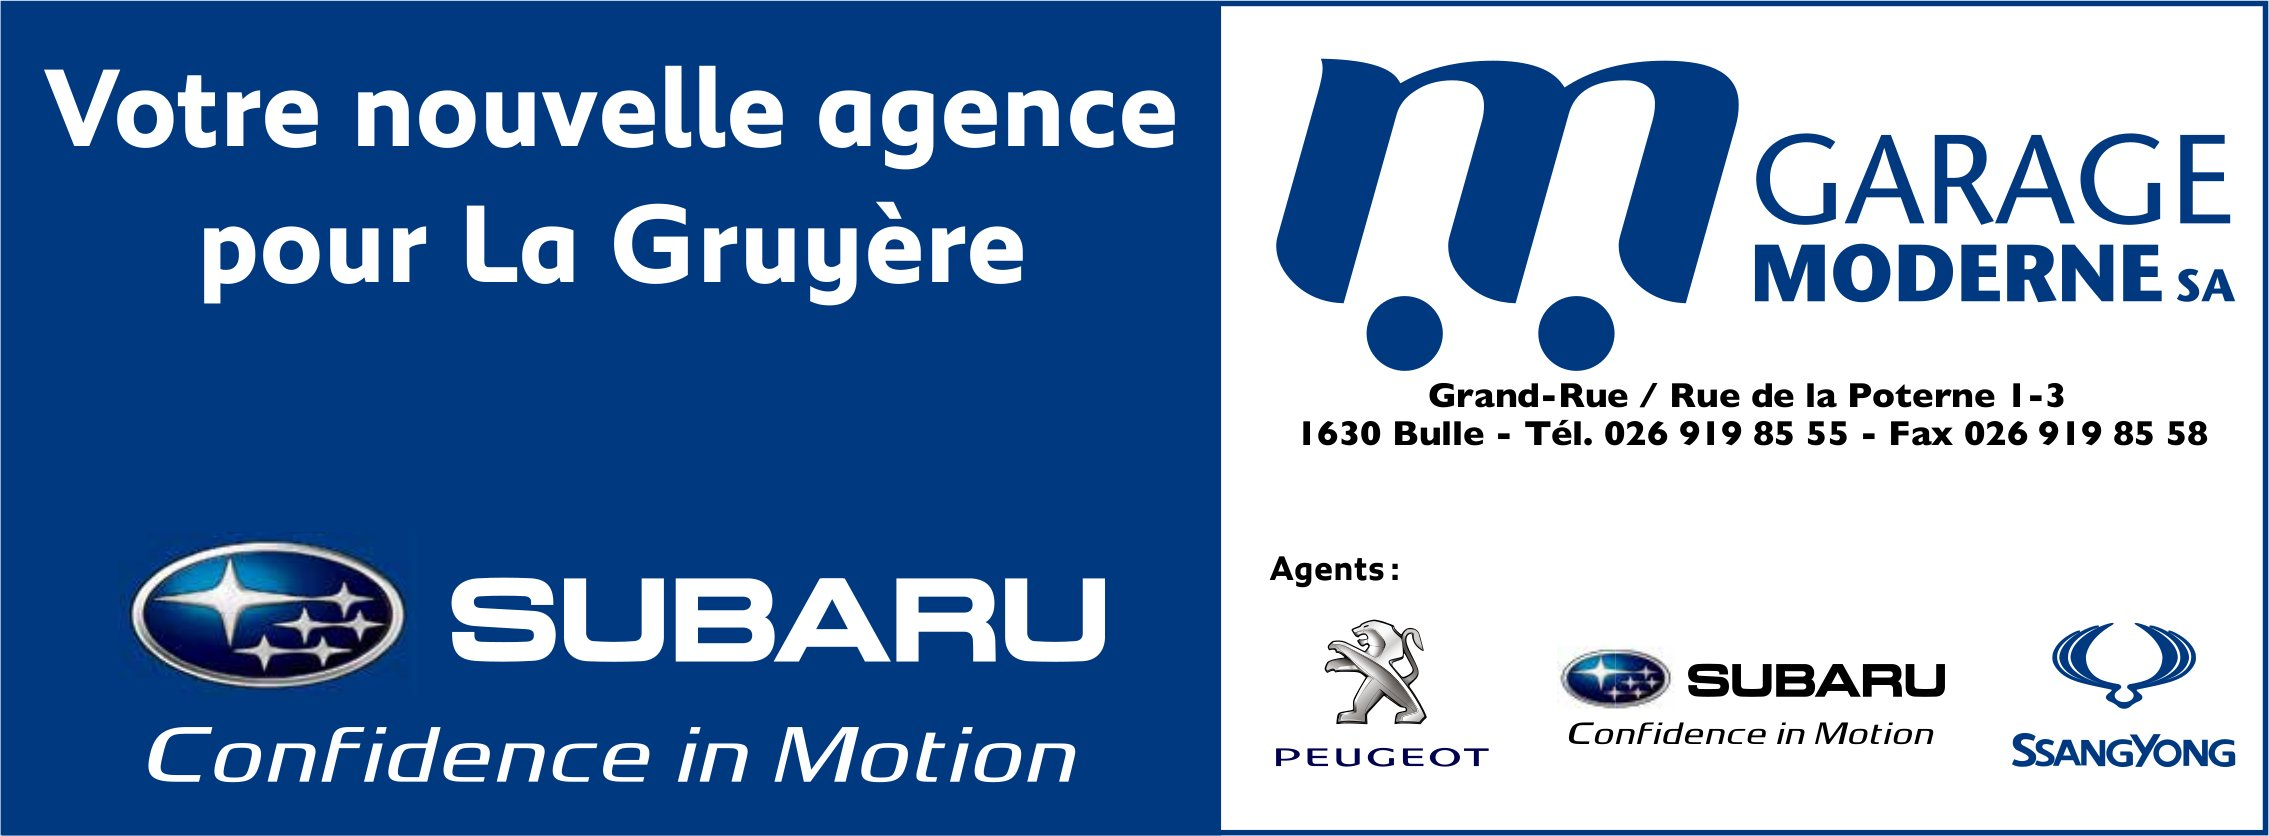 GARAGE MODERNE SA, Bulle, Votre nouvelle agence pur La Gruyère